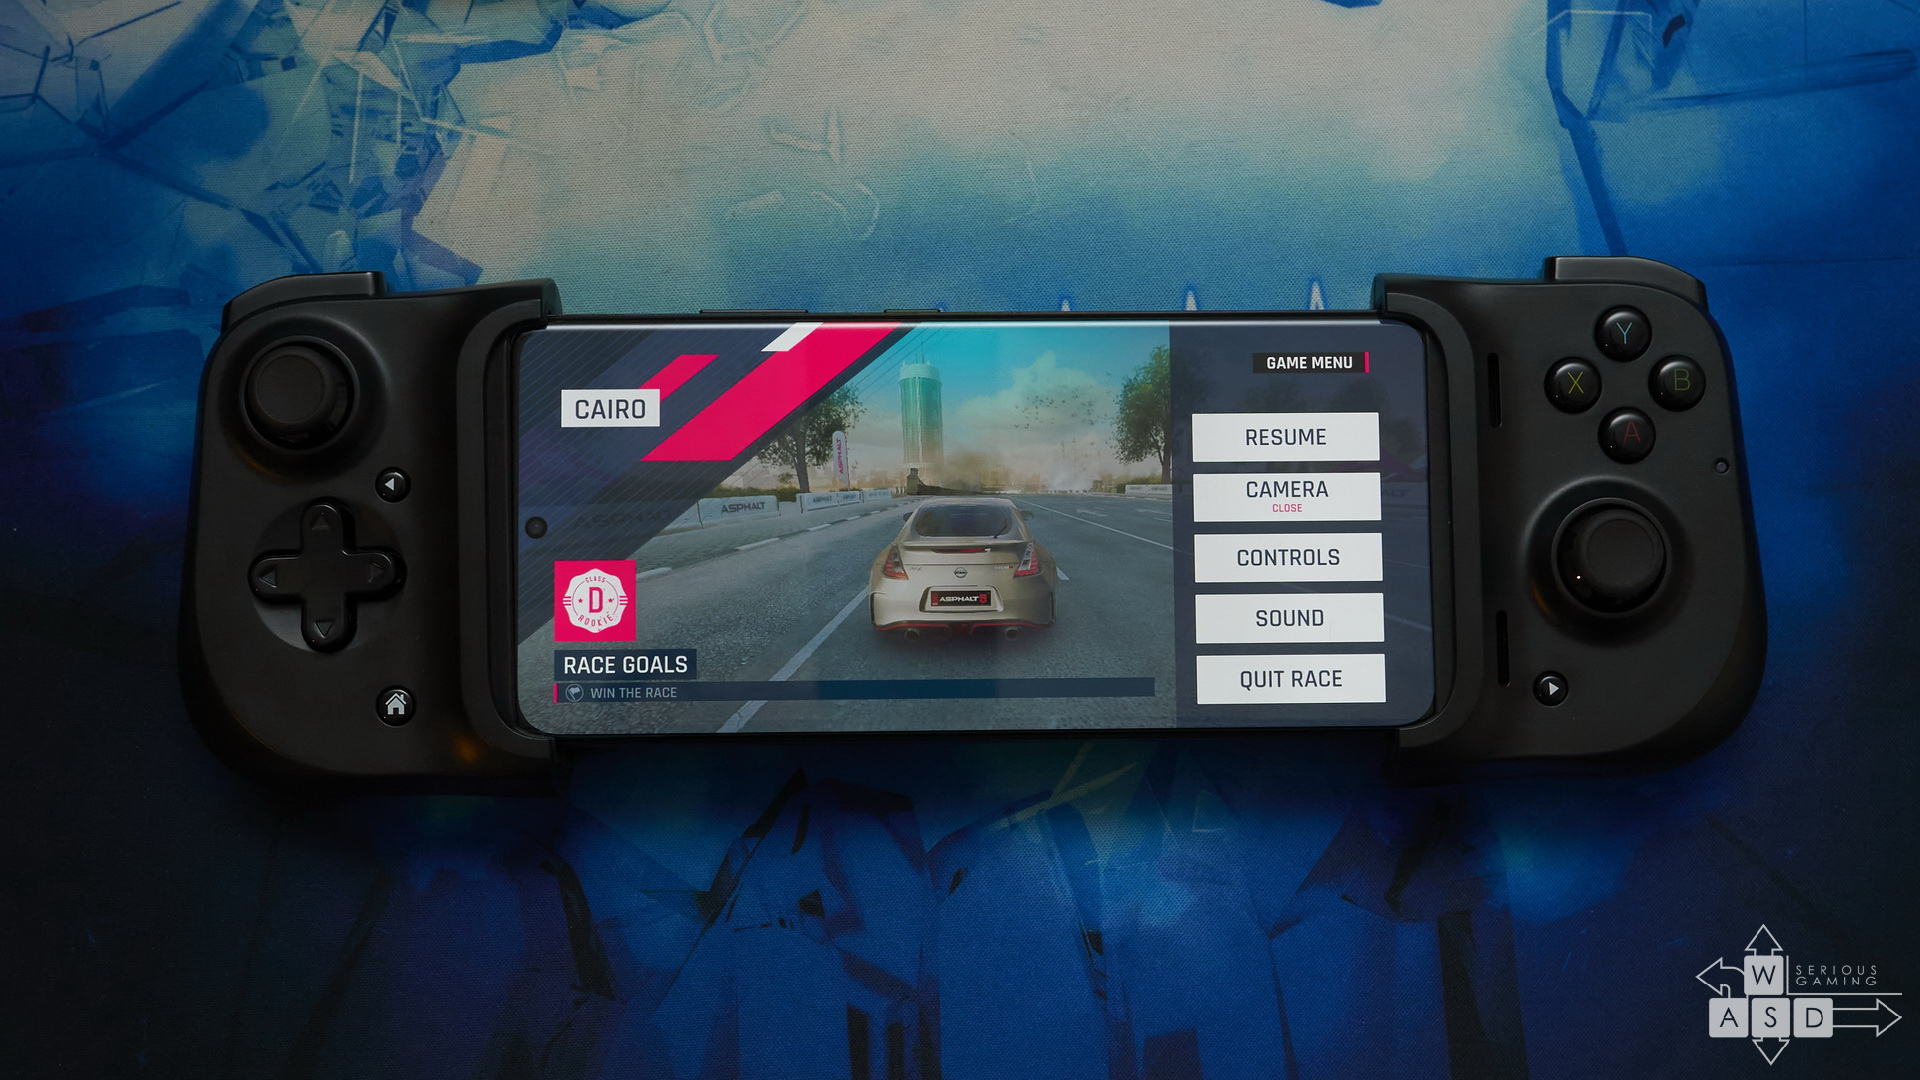 Samsung Galaxy S21 gaming experience   WASD